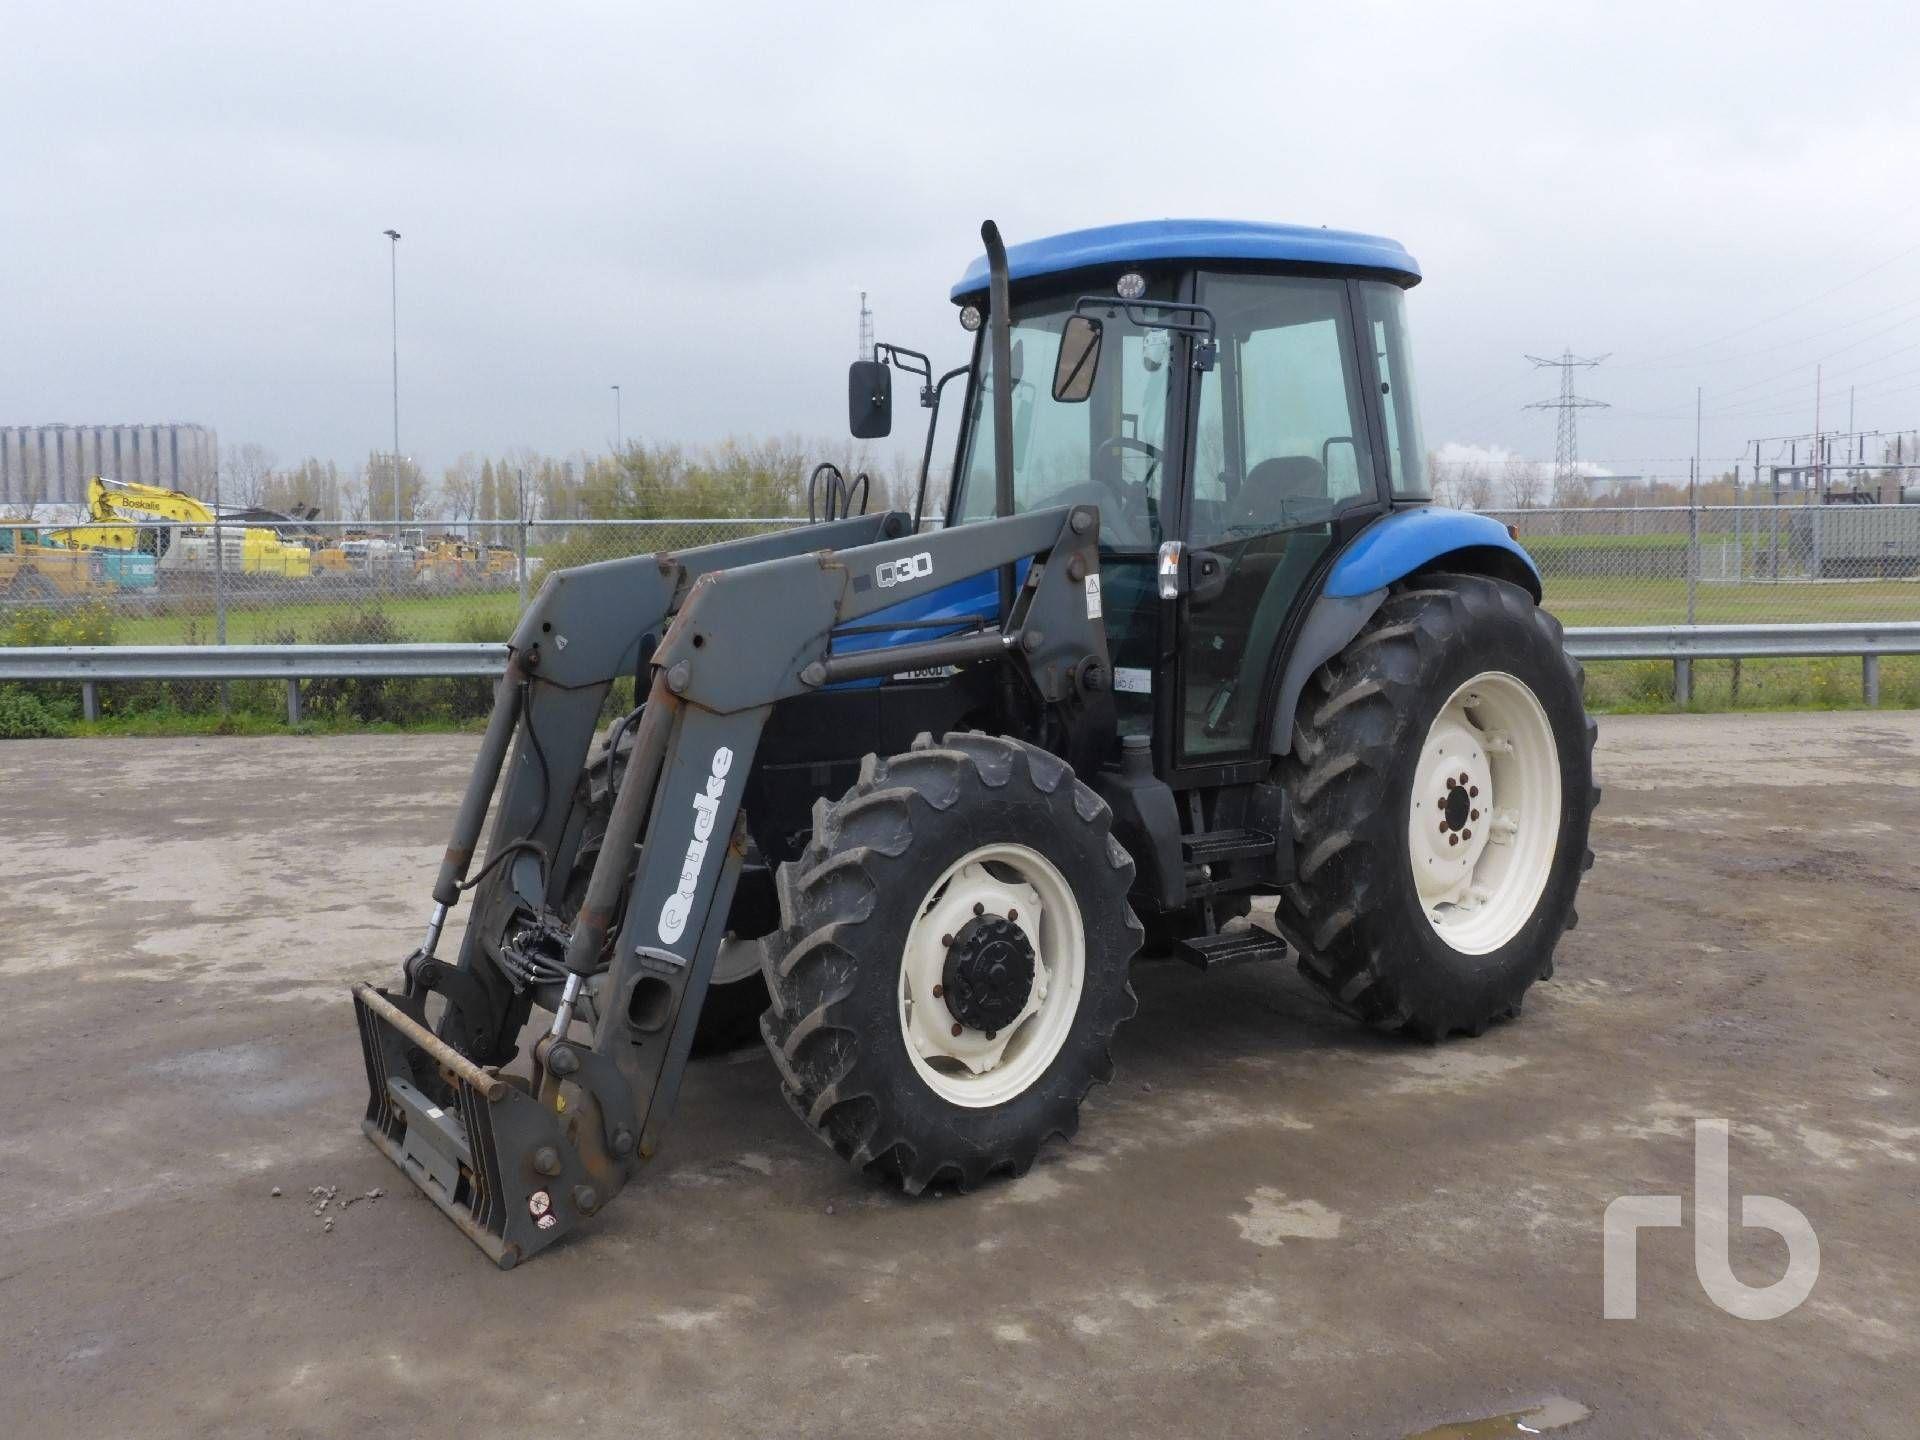 2004 NEW HOLLAND TD80D 4WD Landwirtschaftlicher MFWD Traktor Lot # 977